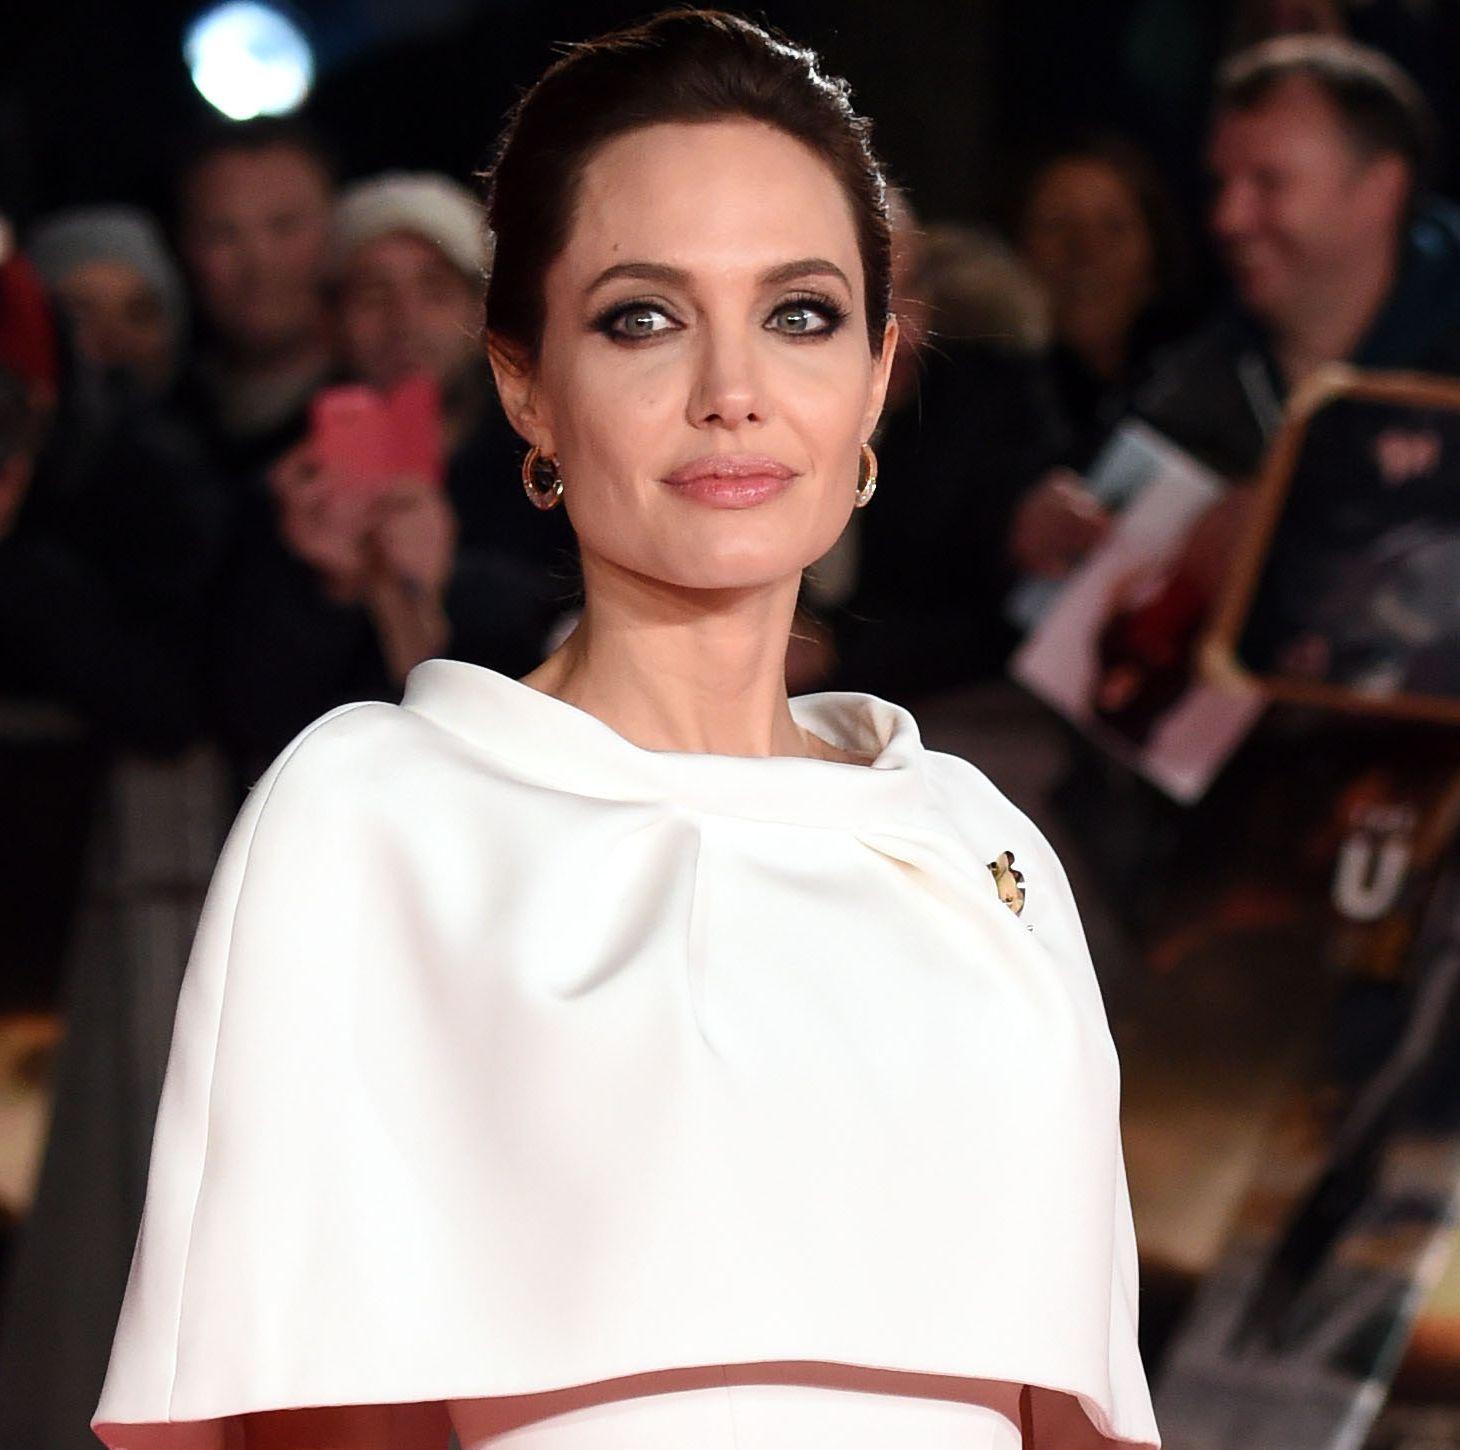 Анджелина Джоли блистает на премьере своего фильма